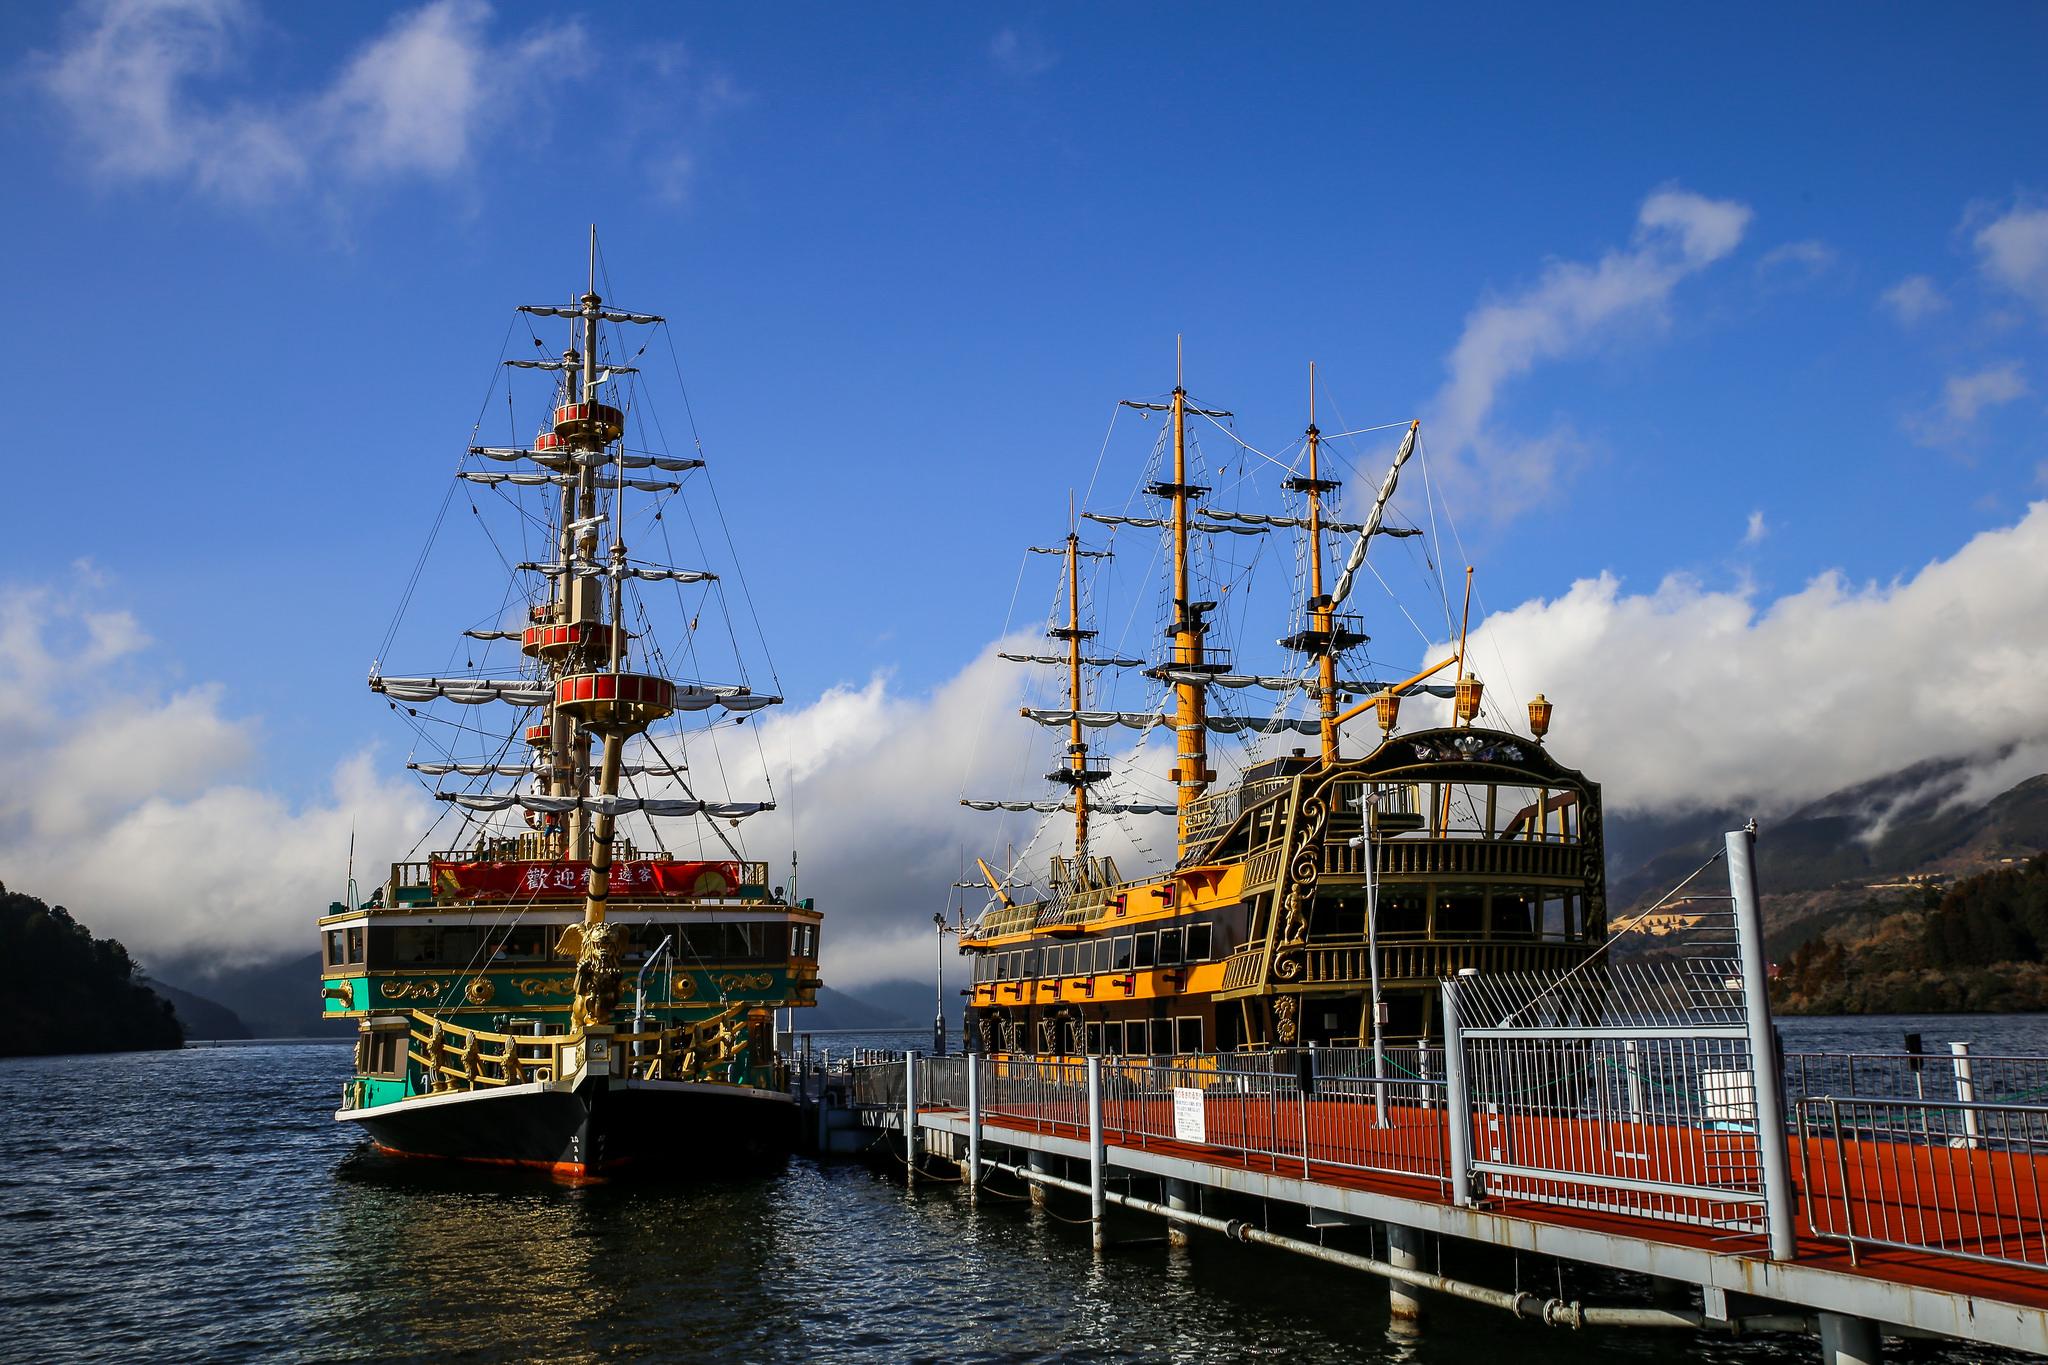 Hakone Siteseeing Cruises, Japan